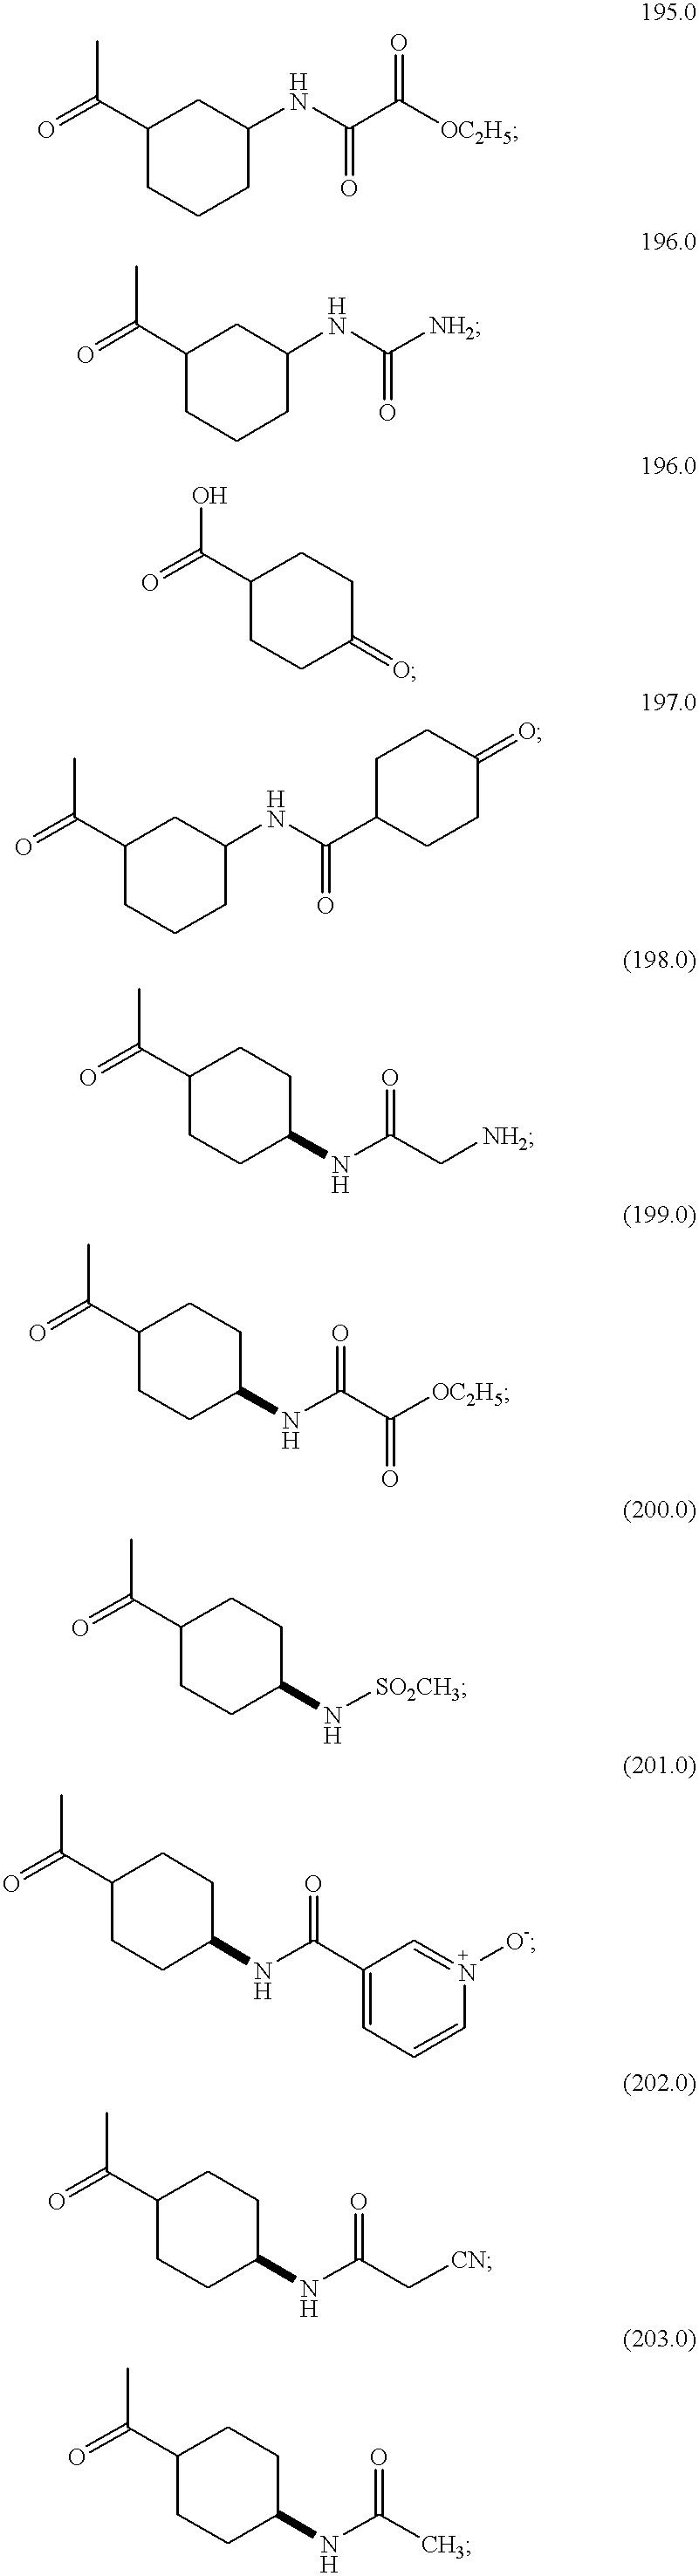 Figure US06211193-20010403-C00261